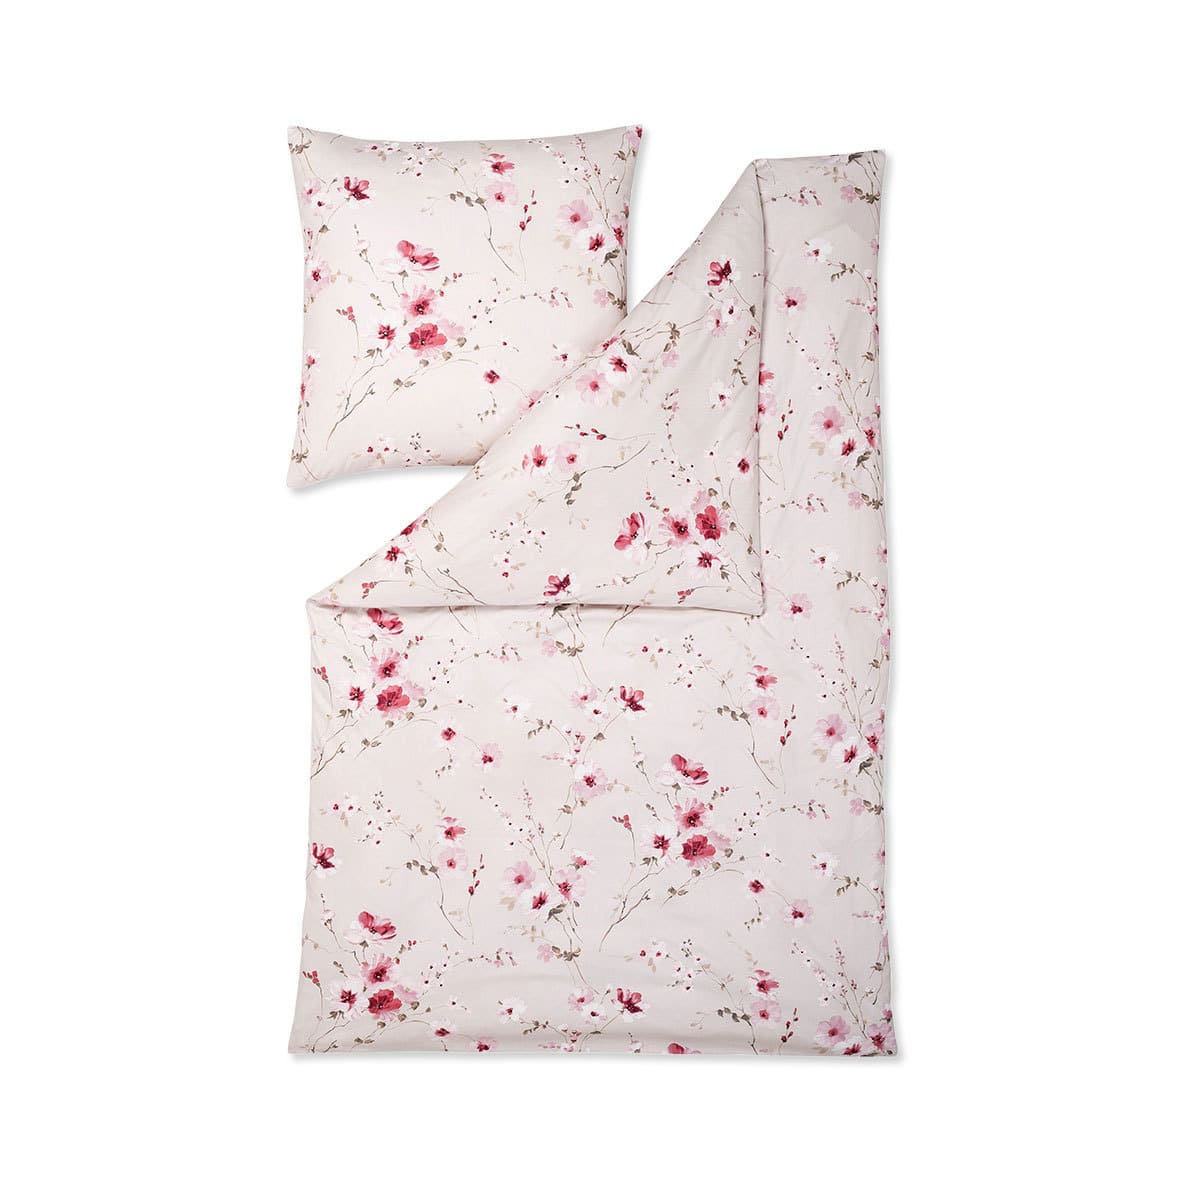 estella mako interlock jersey bettw sche emma azalee g nstig online kaufen bei bettwaren shop. Black Bedroom Furniture Sets. Home Design Ideas